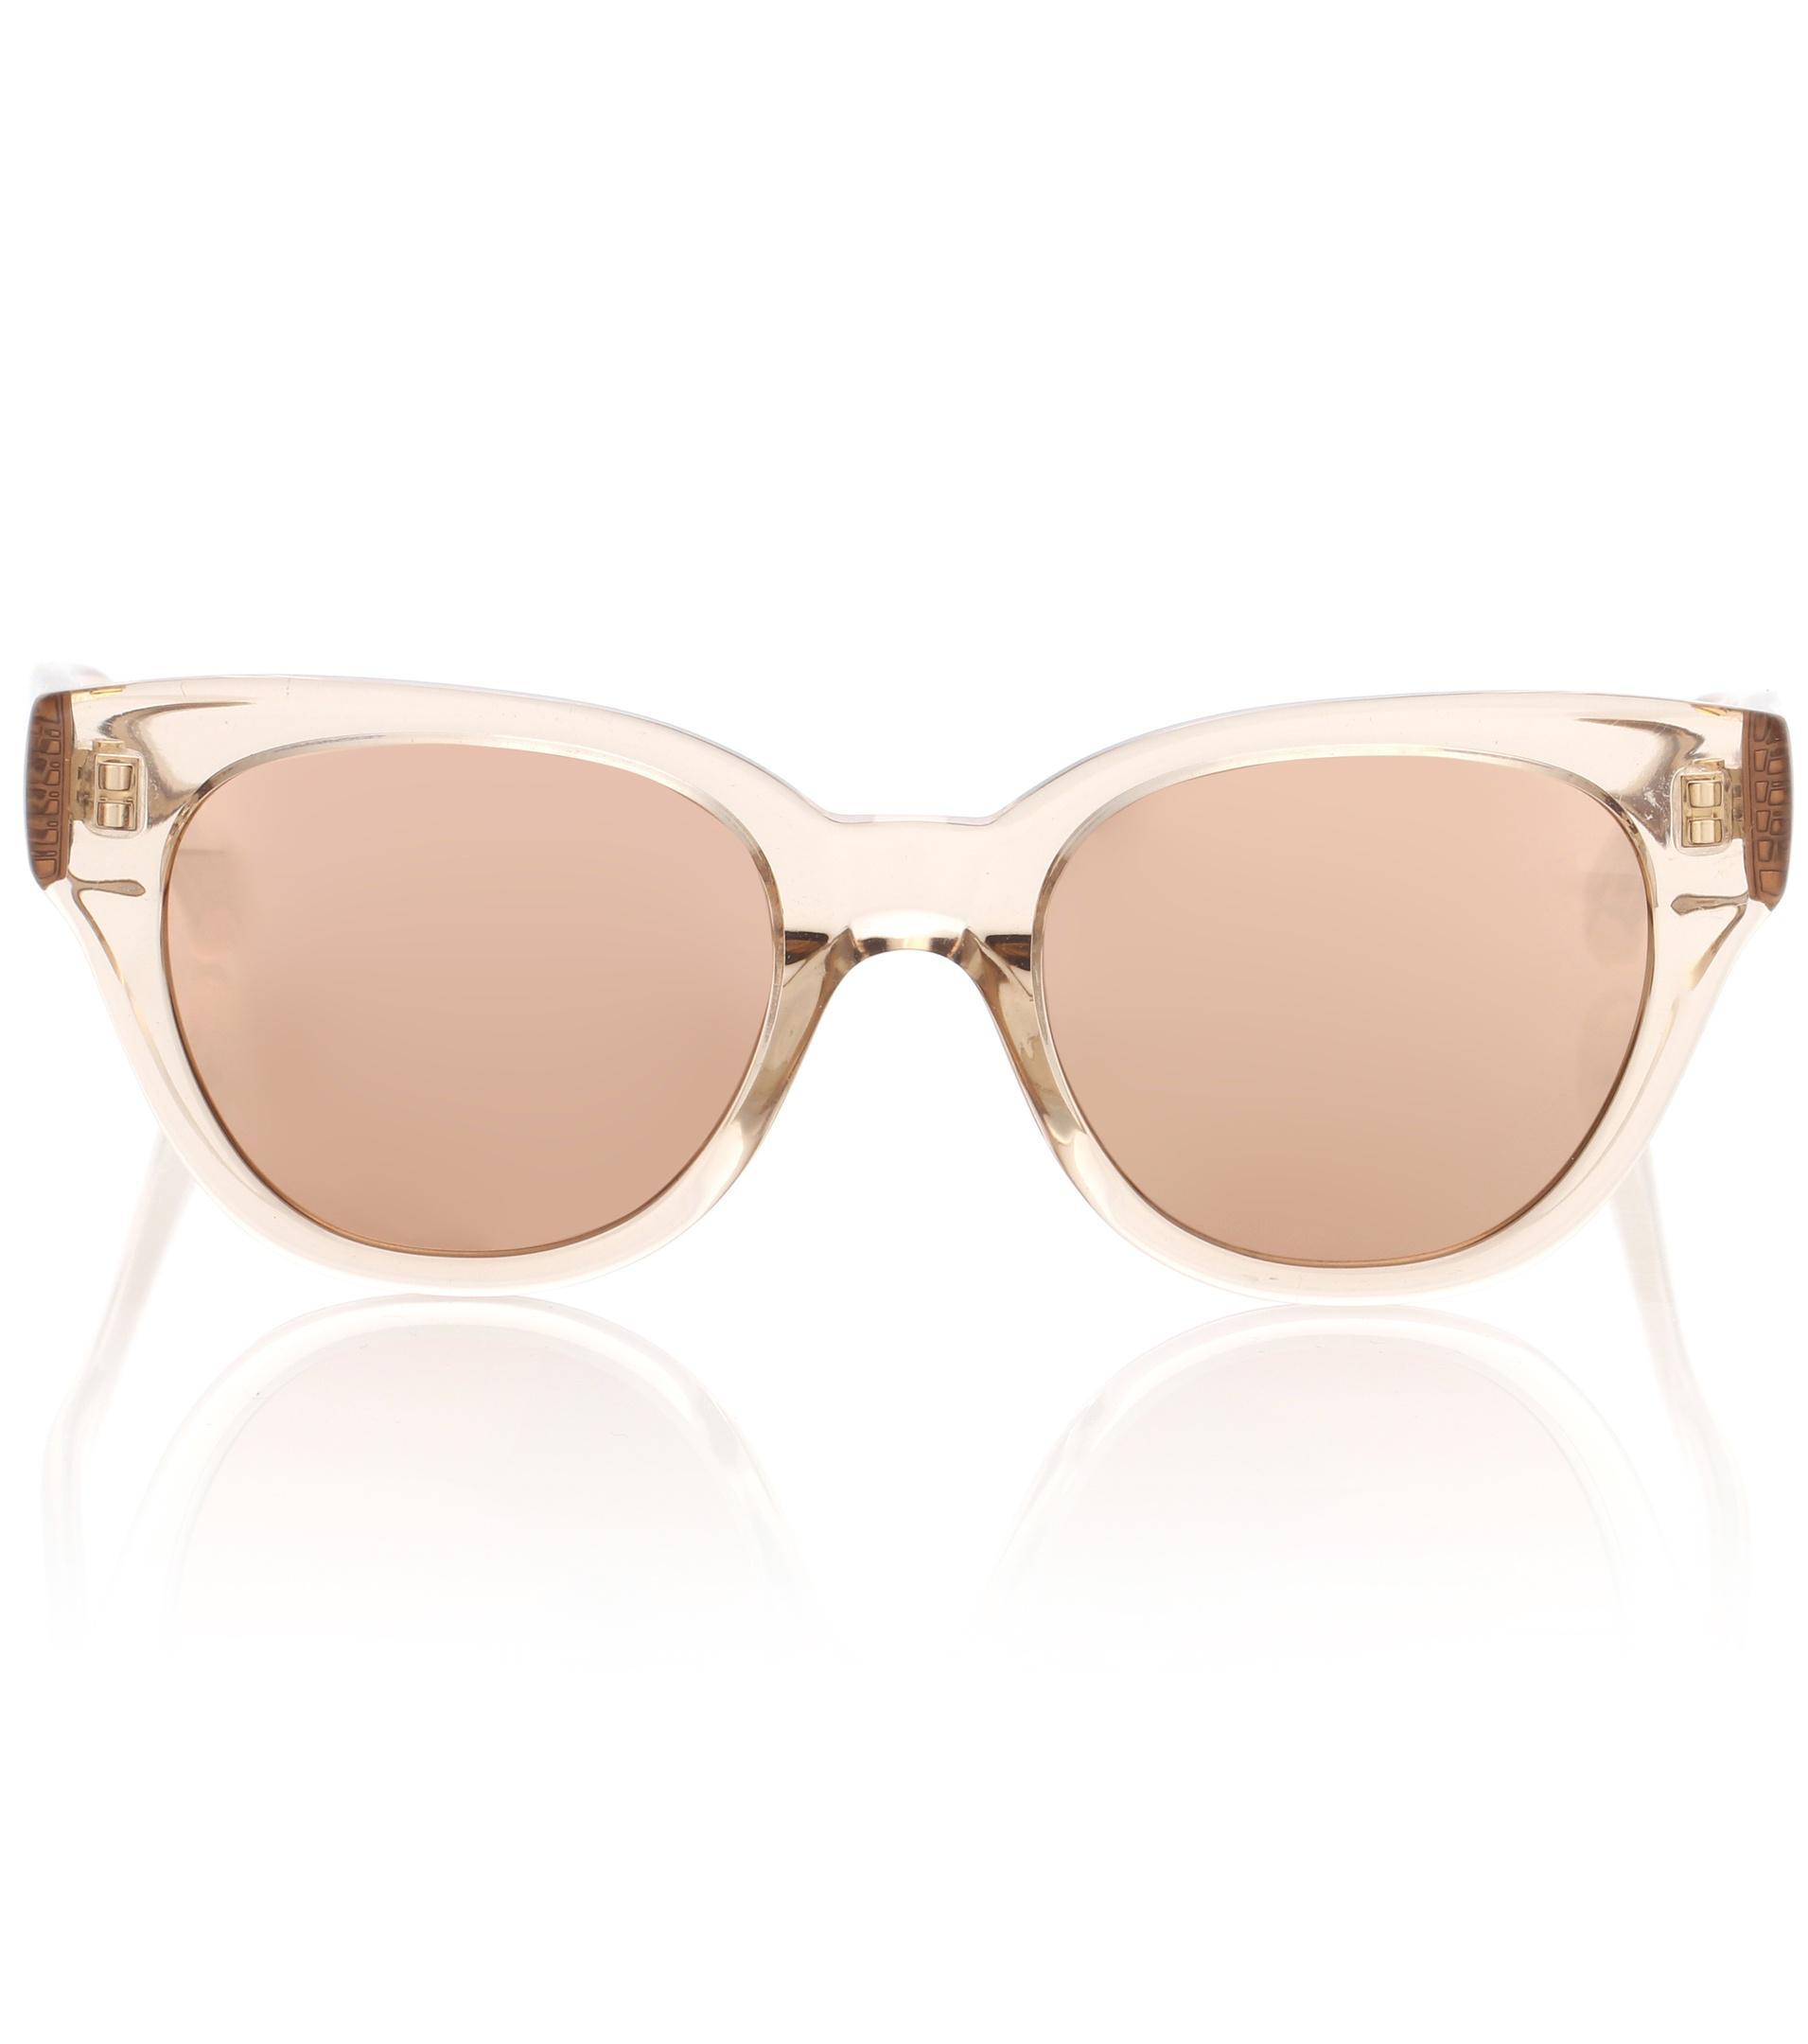 668 C2 cat-eye sunglasses Linda Farrow mRmsXWn3C